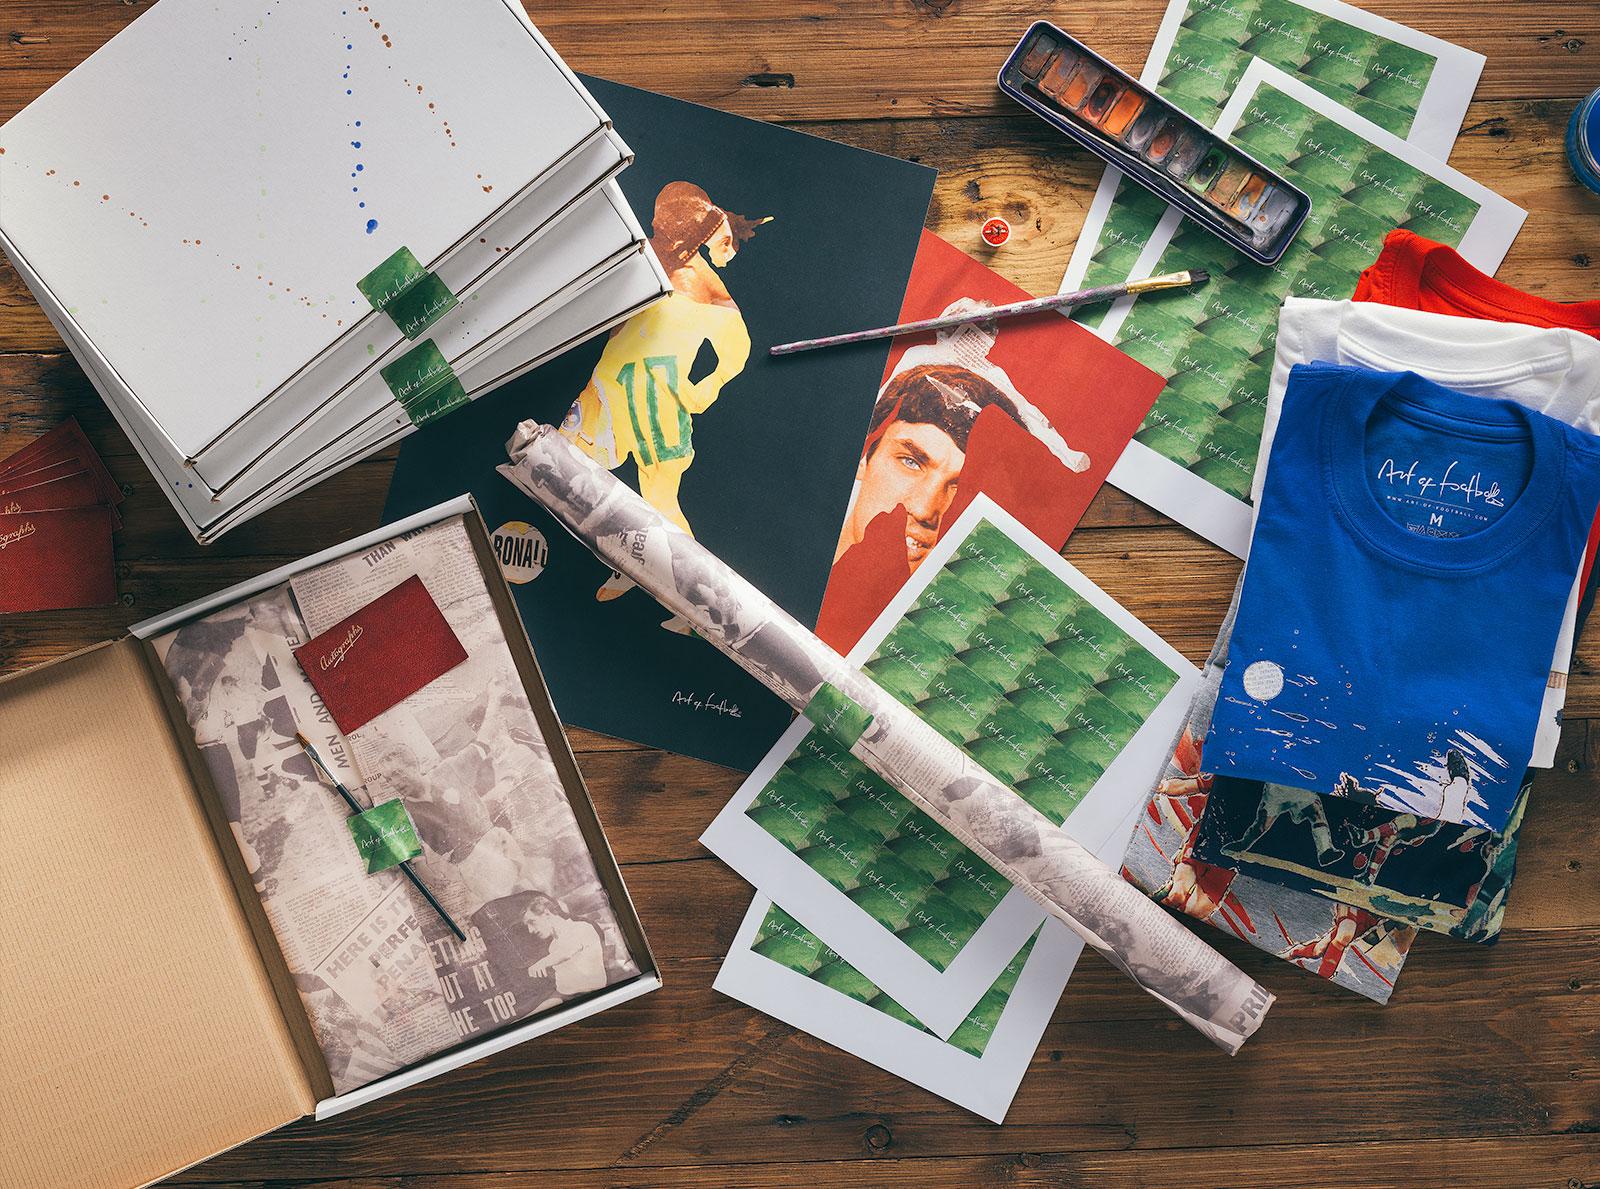 Art-Of-Football-03.jpg